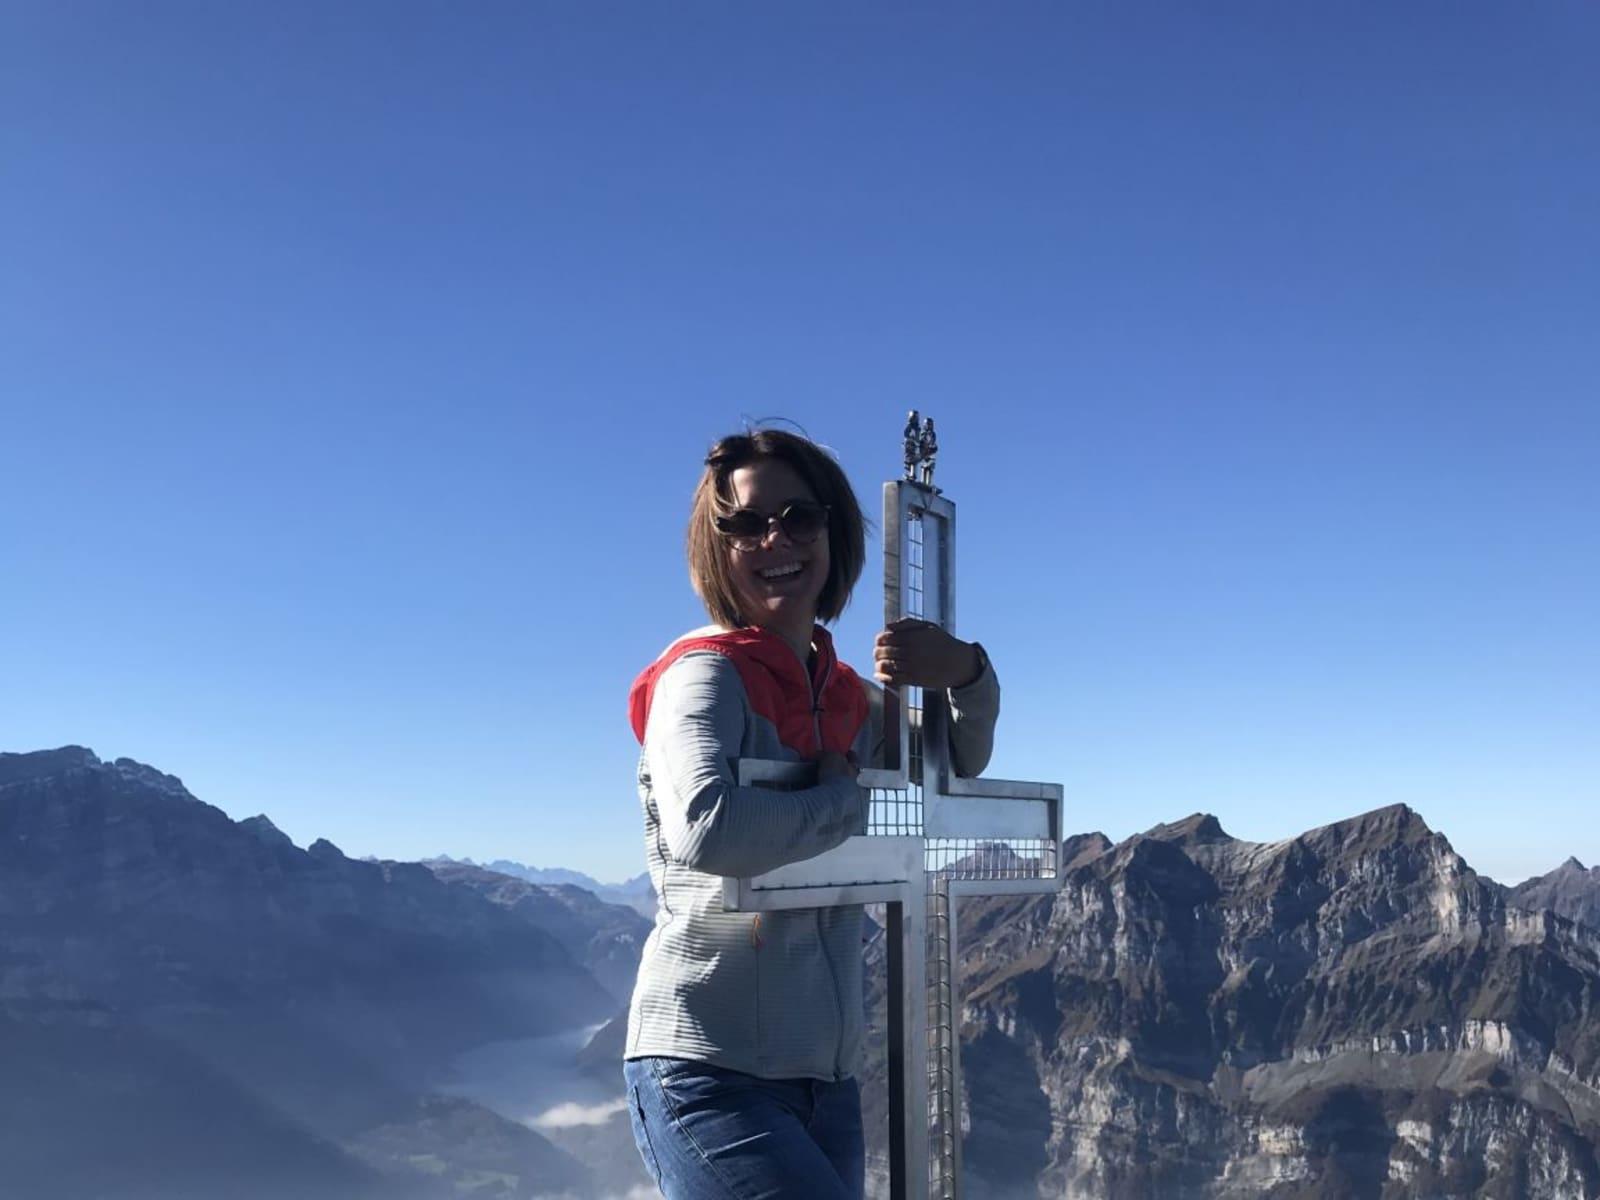 Rahel from Glarus, Switzerland